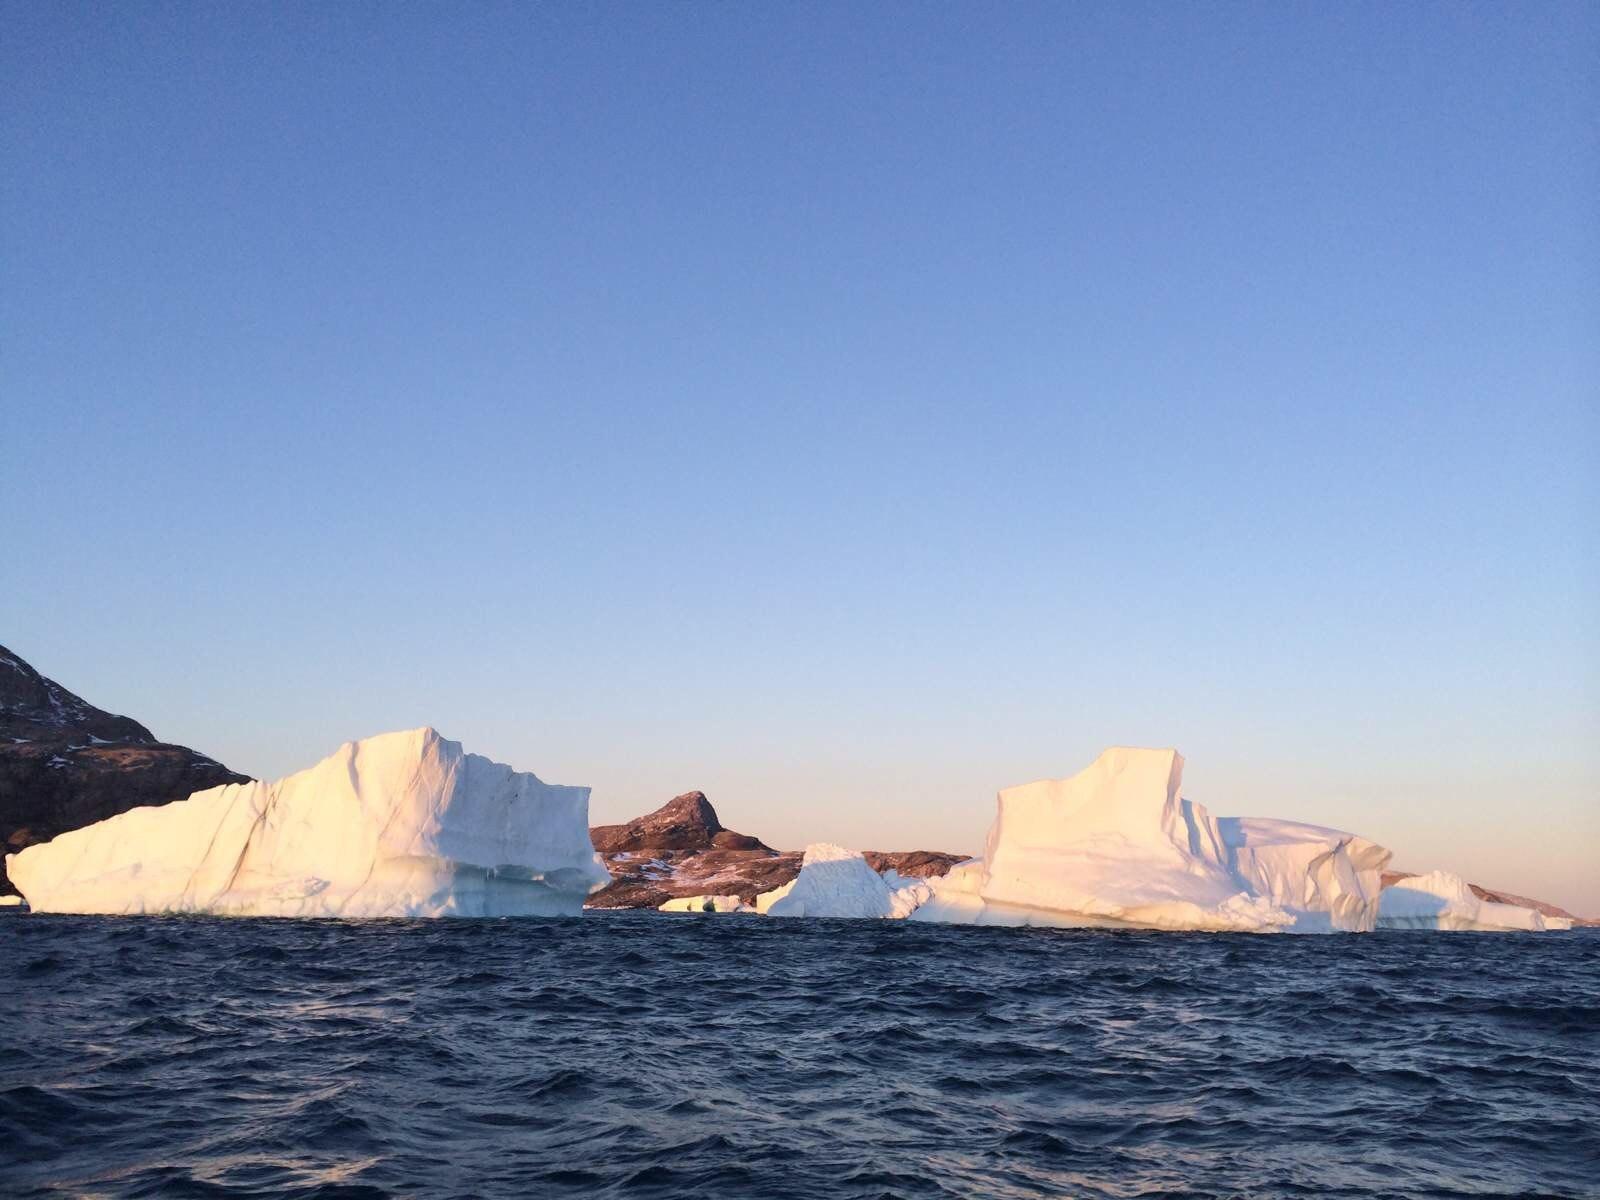 极地之旅世界上最大的岛屿格陵兰岛